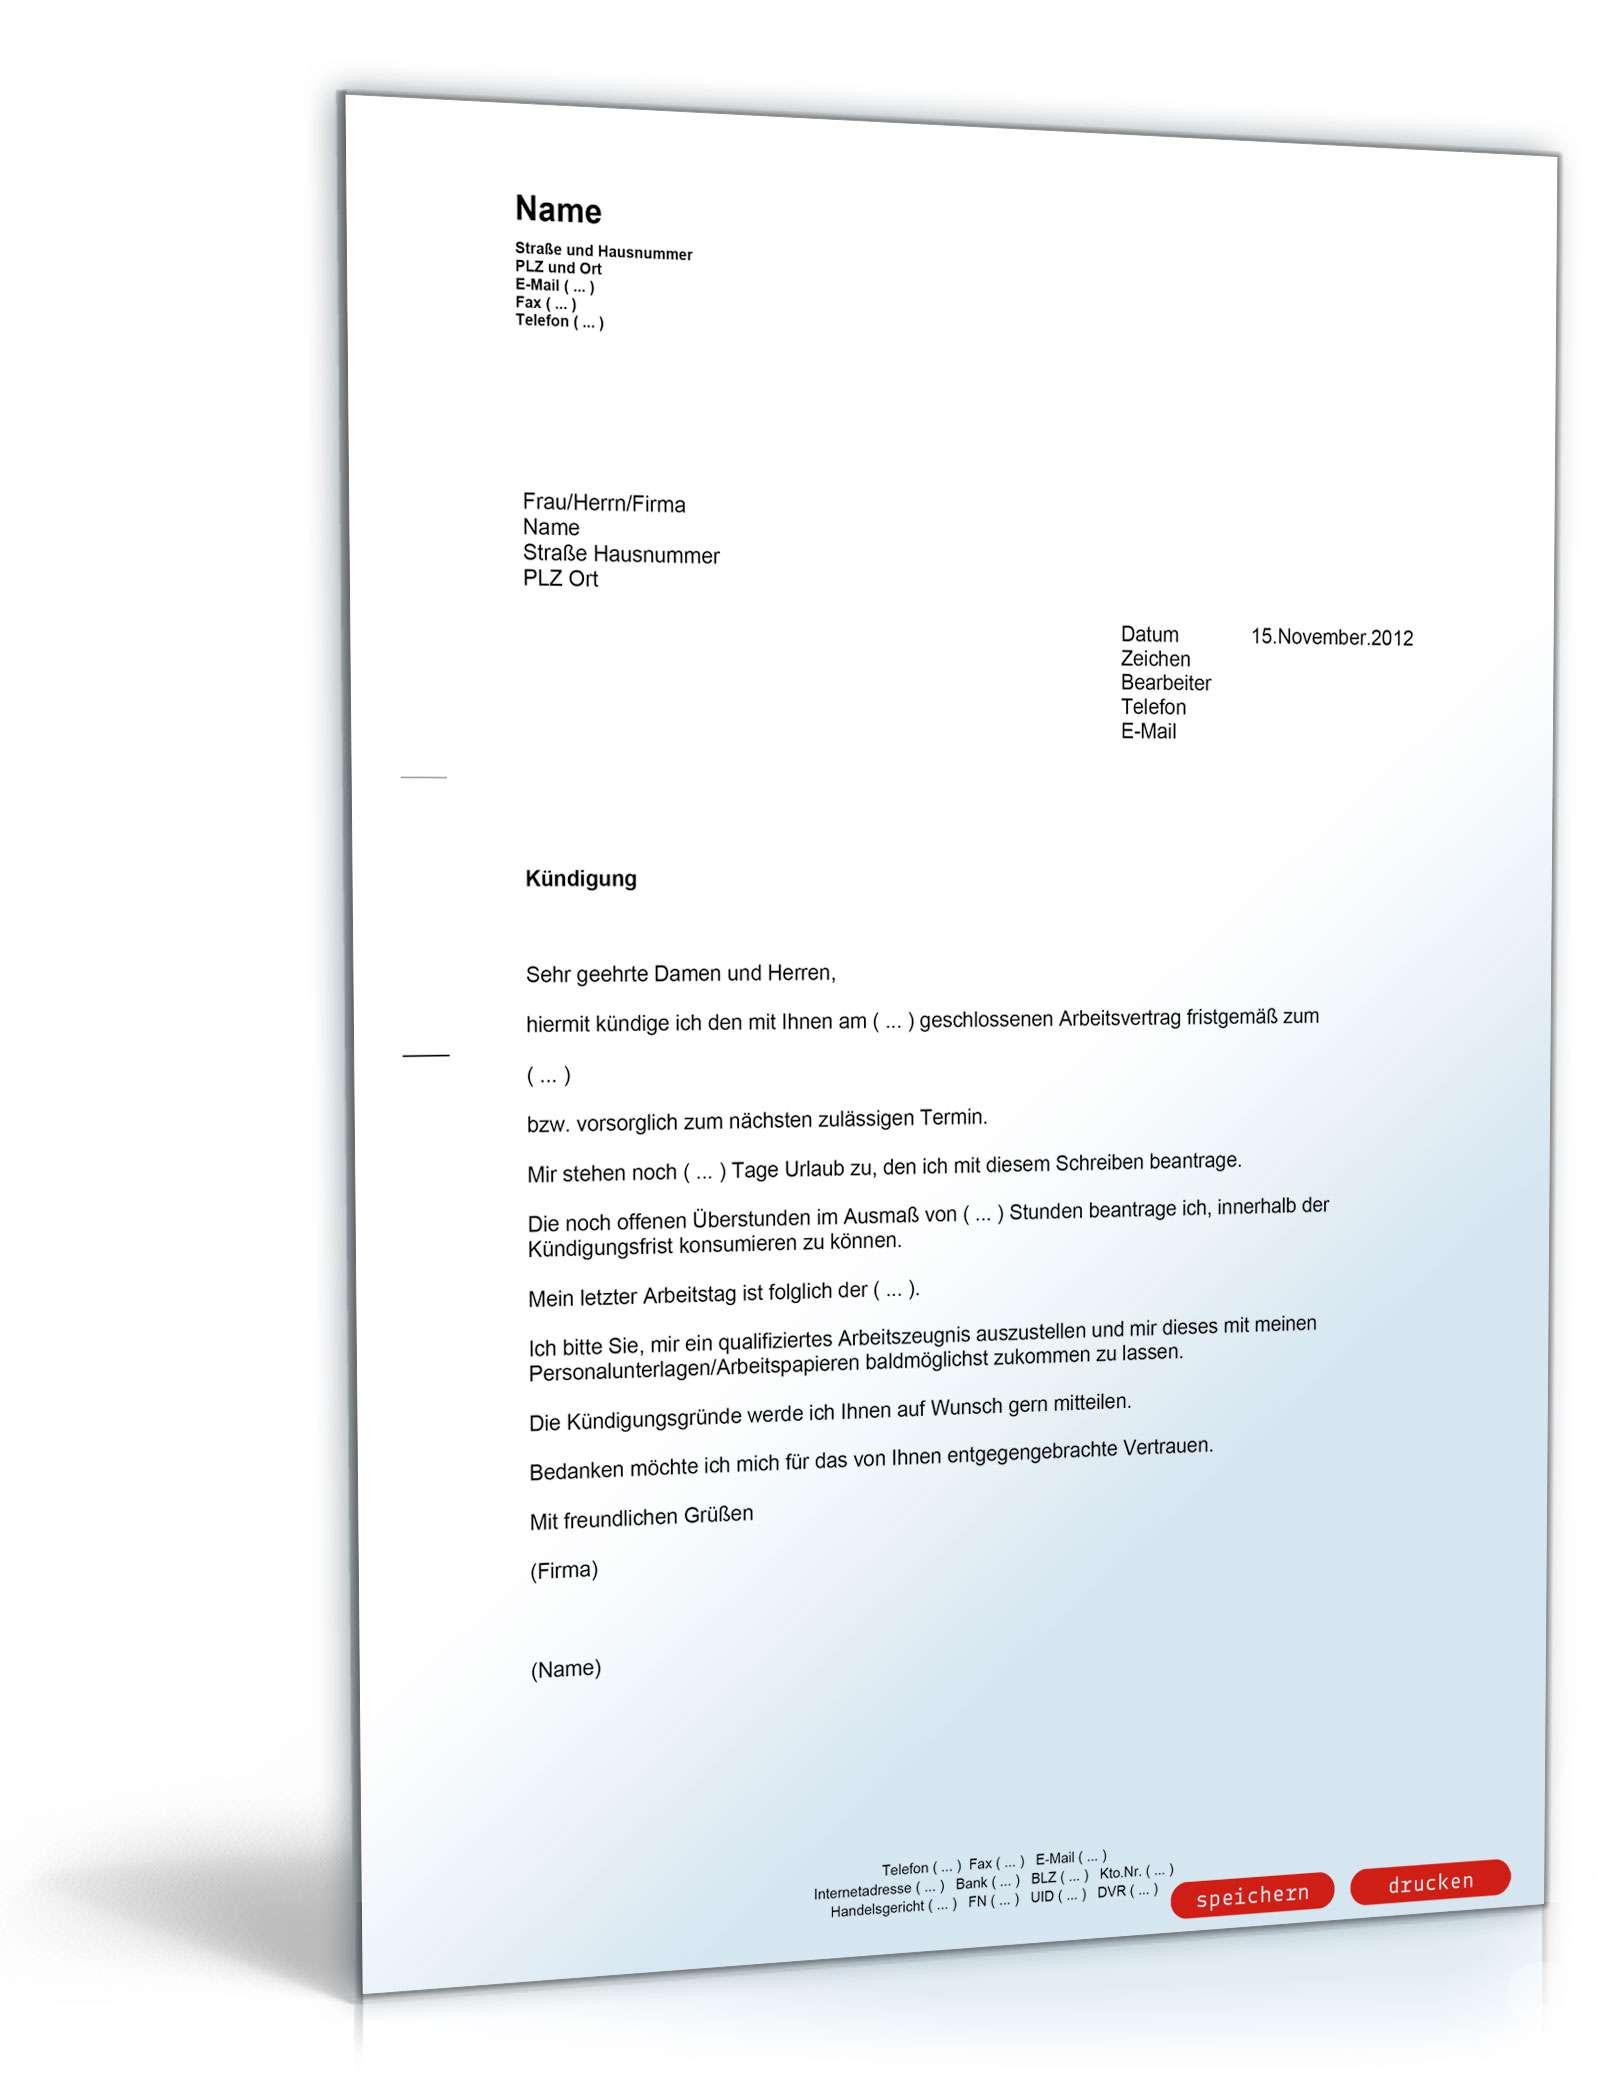 ordentliche kndigung an einen arbeitgeber muster vorlage zum download - Aufhebungsvertrag Auf Wunsch Des Arbeitnehmers Muster